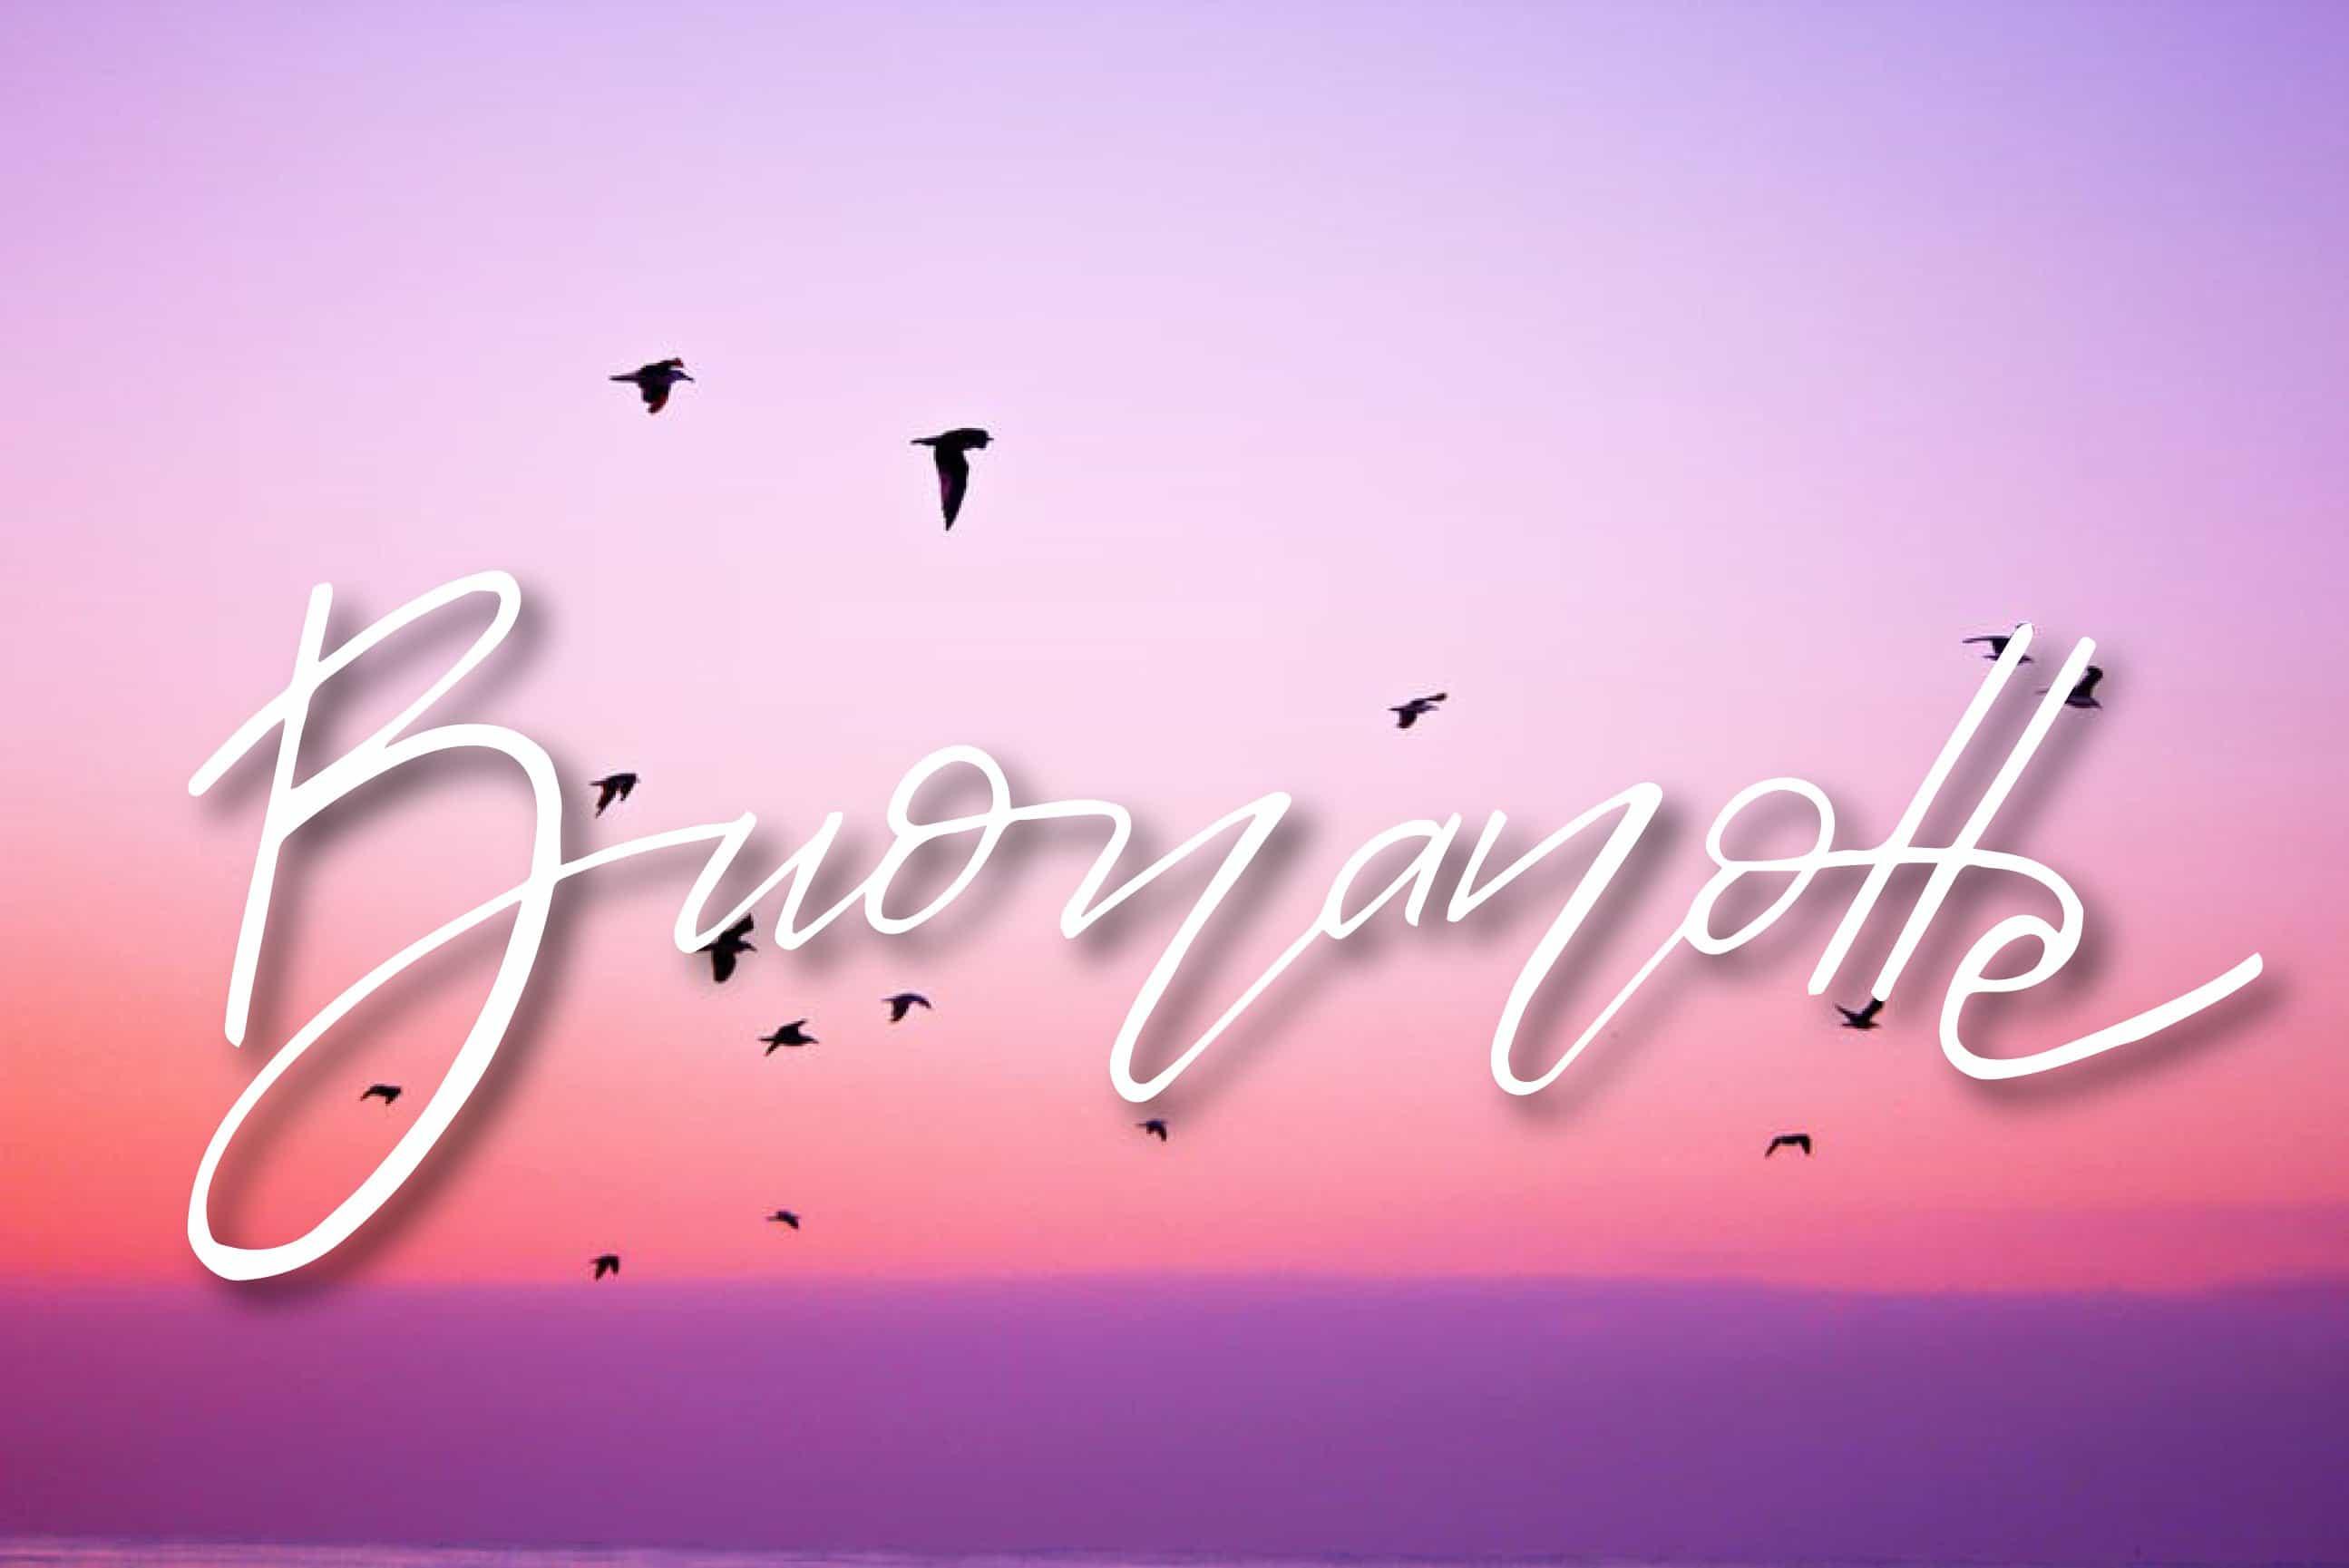 Immagini della buonanotte romantiche foto №12